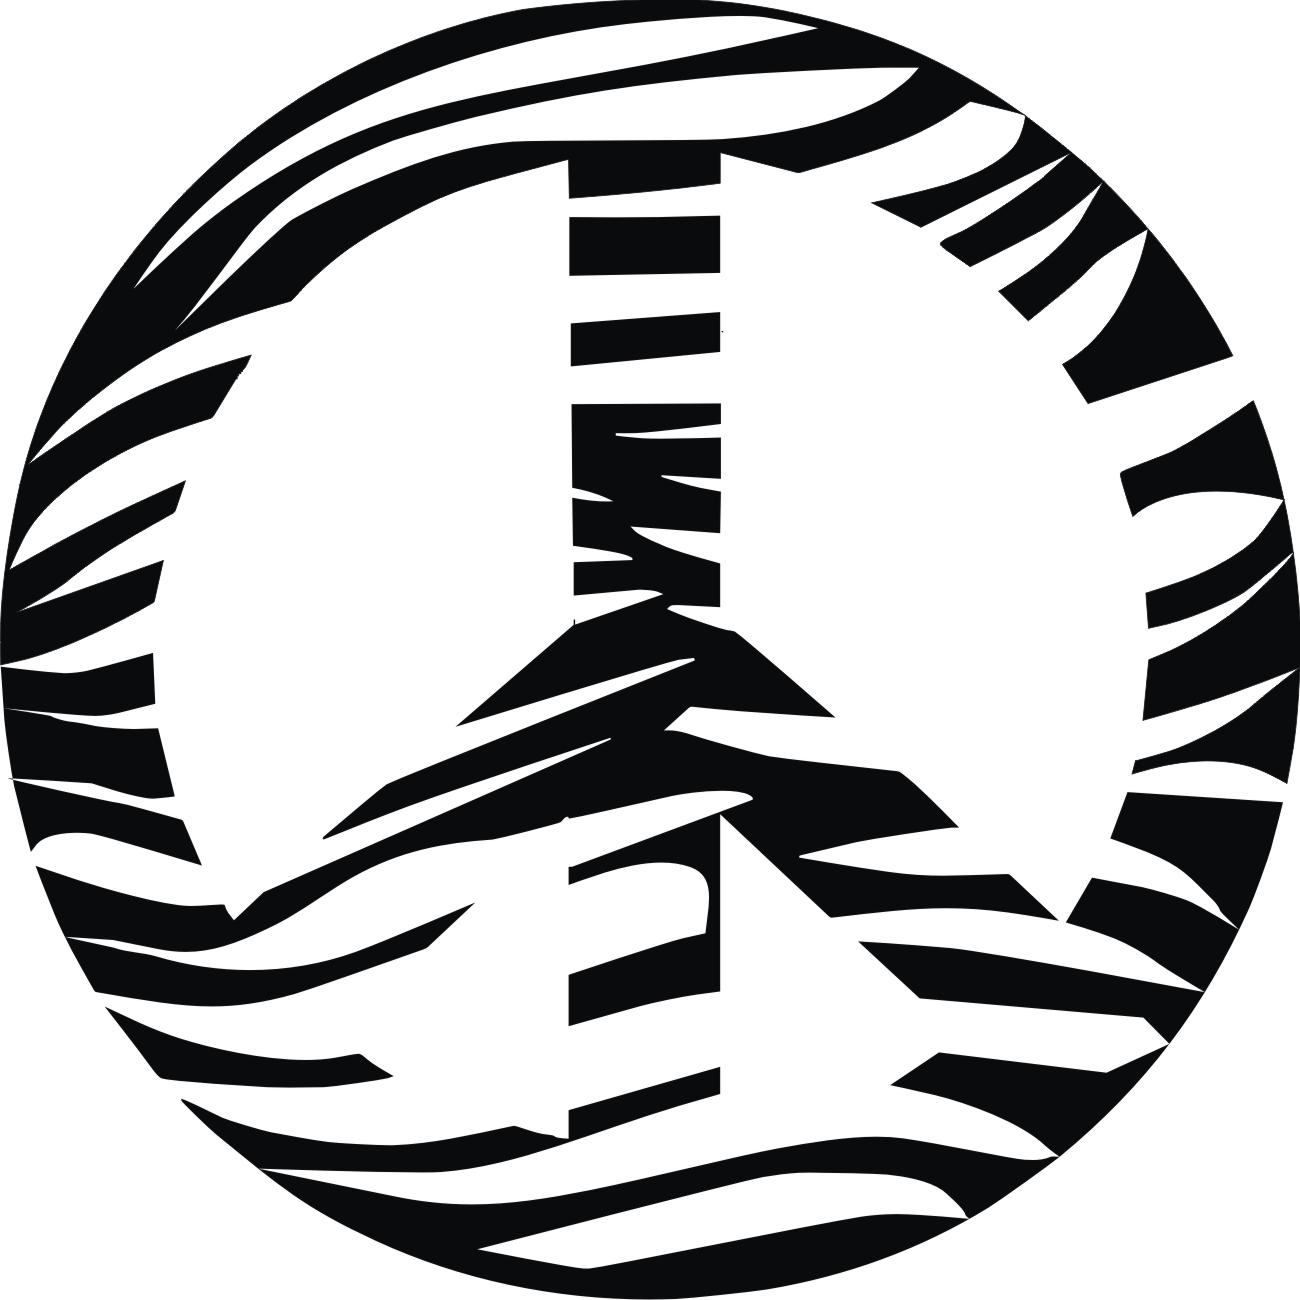 Zebra clipart peace sign Clipart Images Zebra Sign Peace